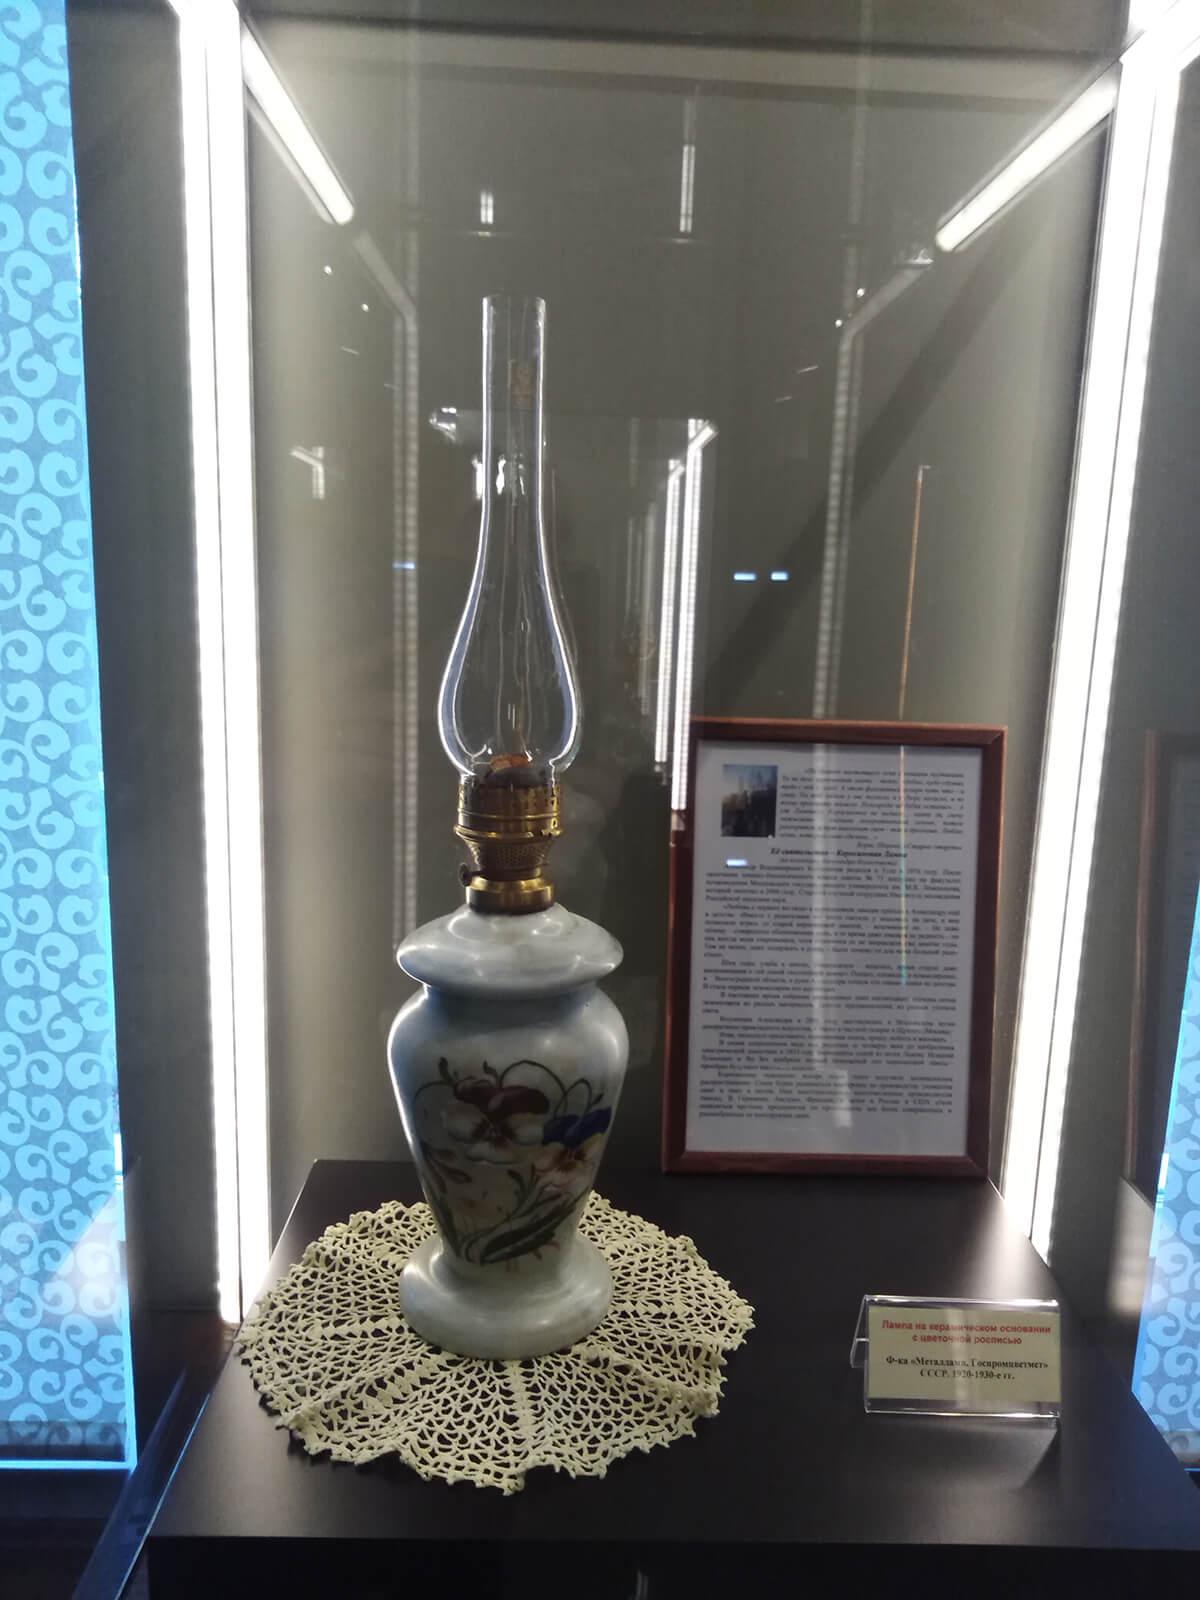 выставка керосиновых ламп из коллекции туляка Александра Колесникова